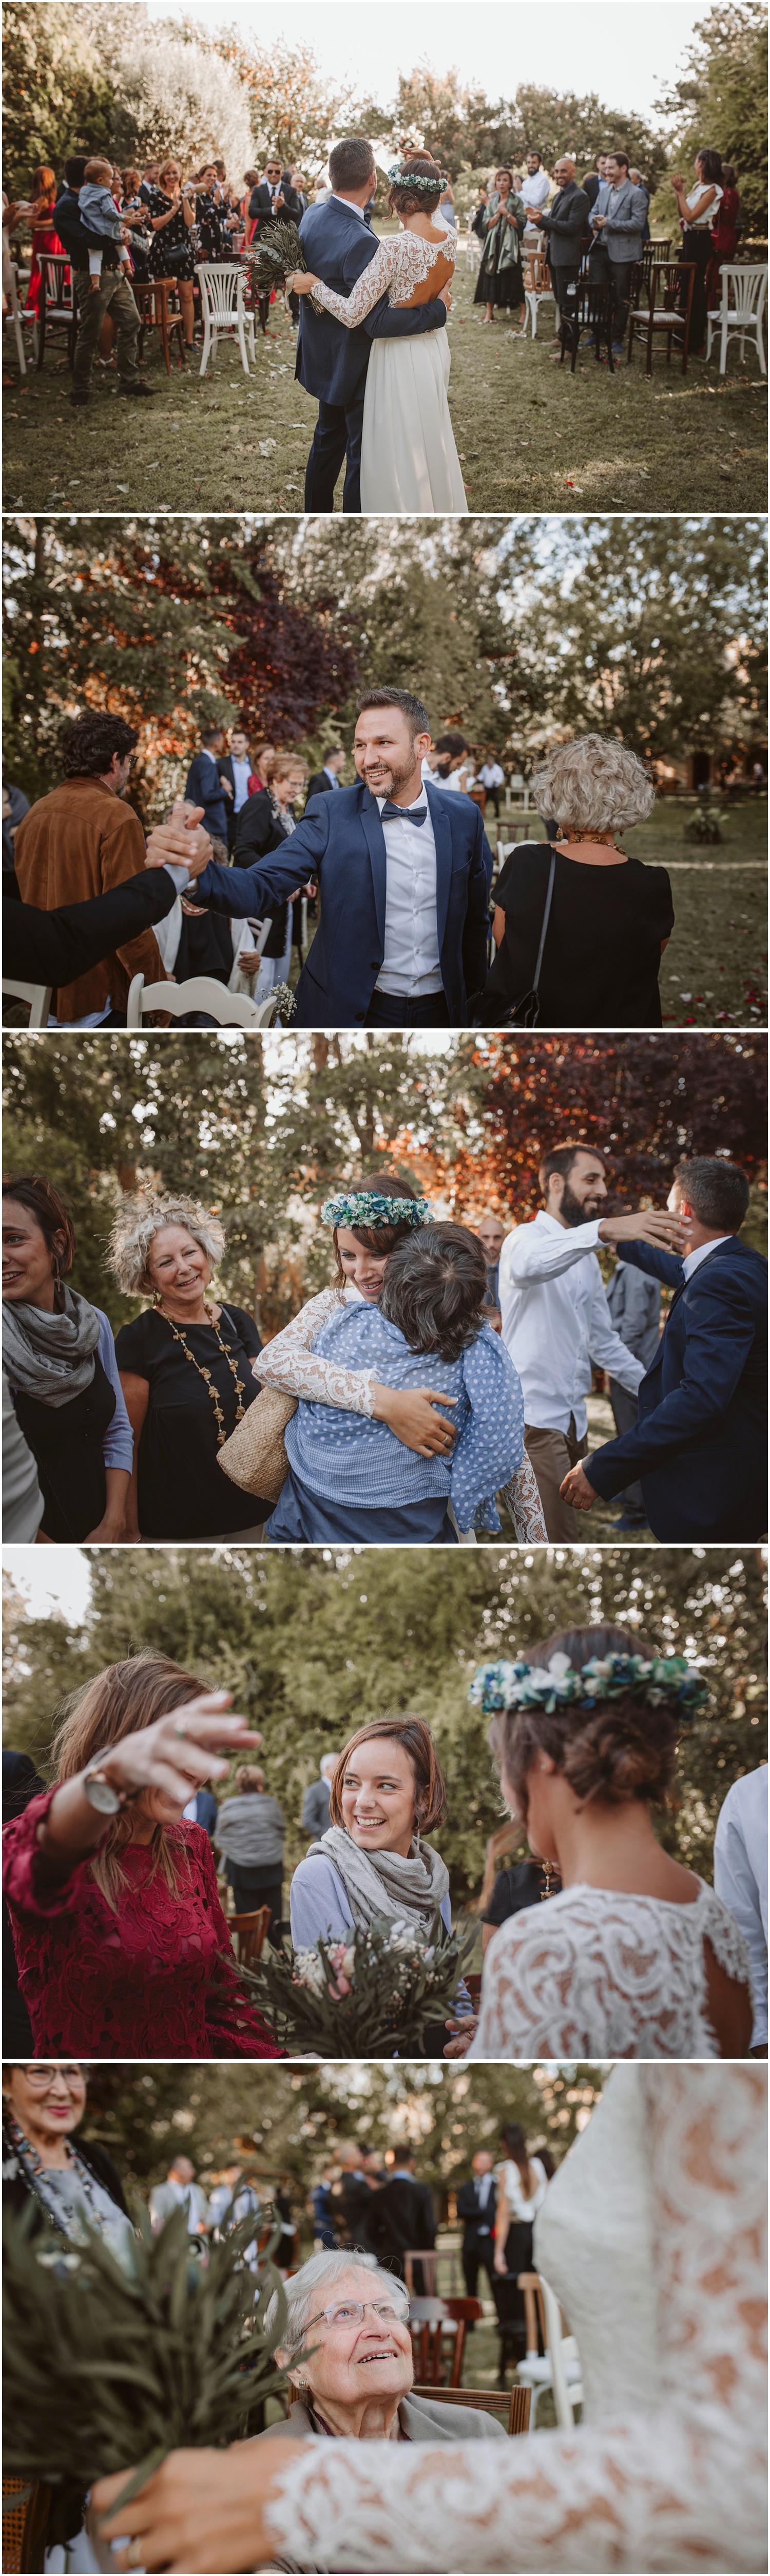 fotógrafo de bodas Alicante, Valencia, Murcia, Elche, Oscar Guillén